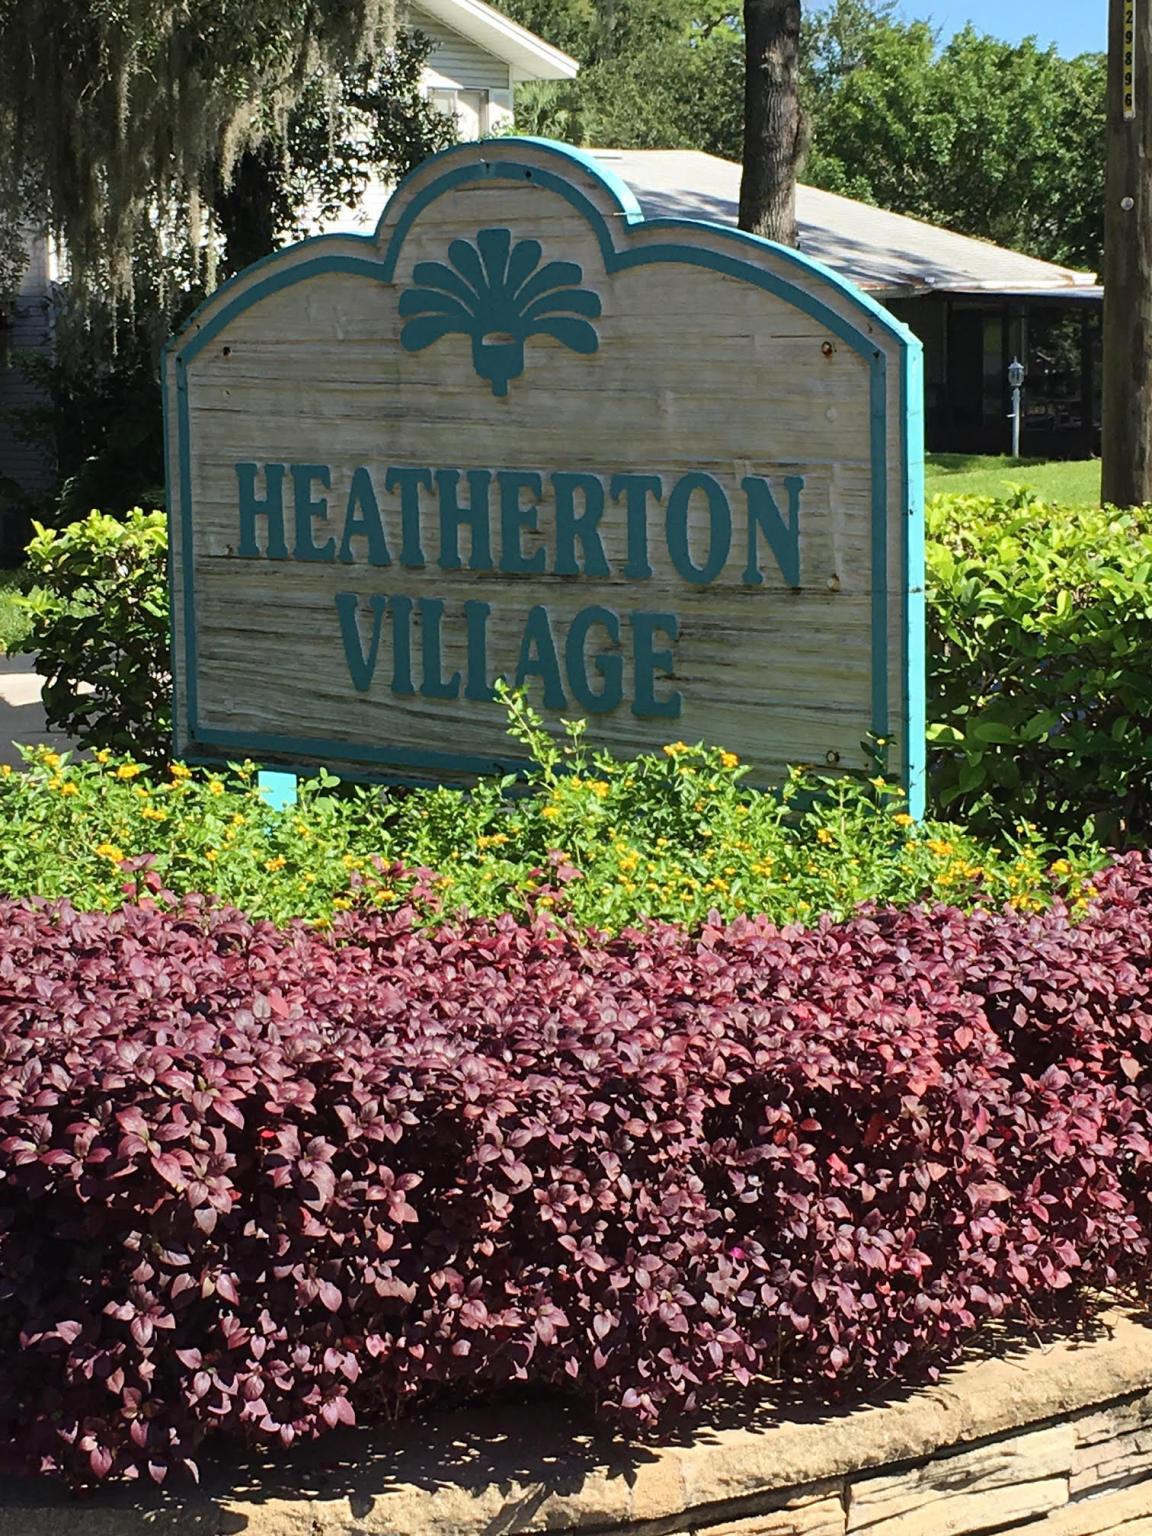 572 Heatherton Vlg Altamonte Springs Fl 32714 Trulia